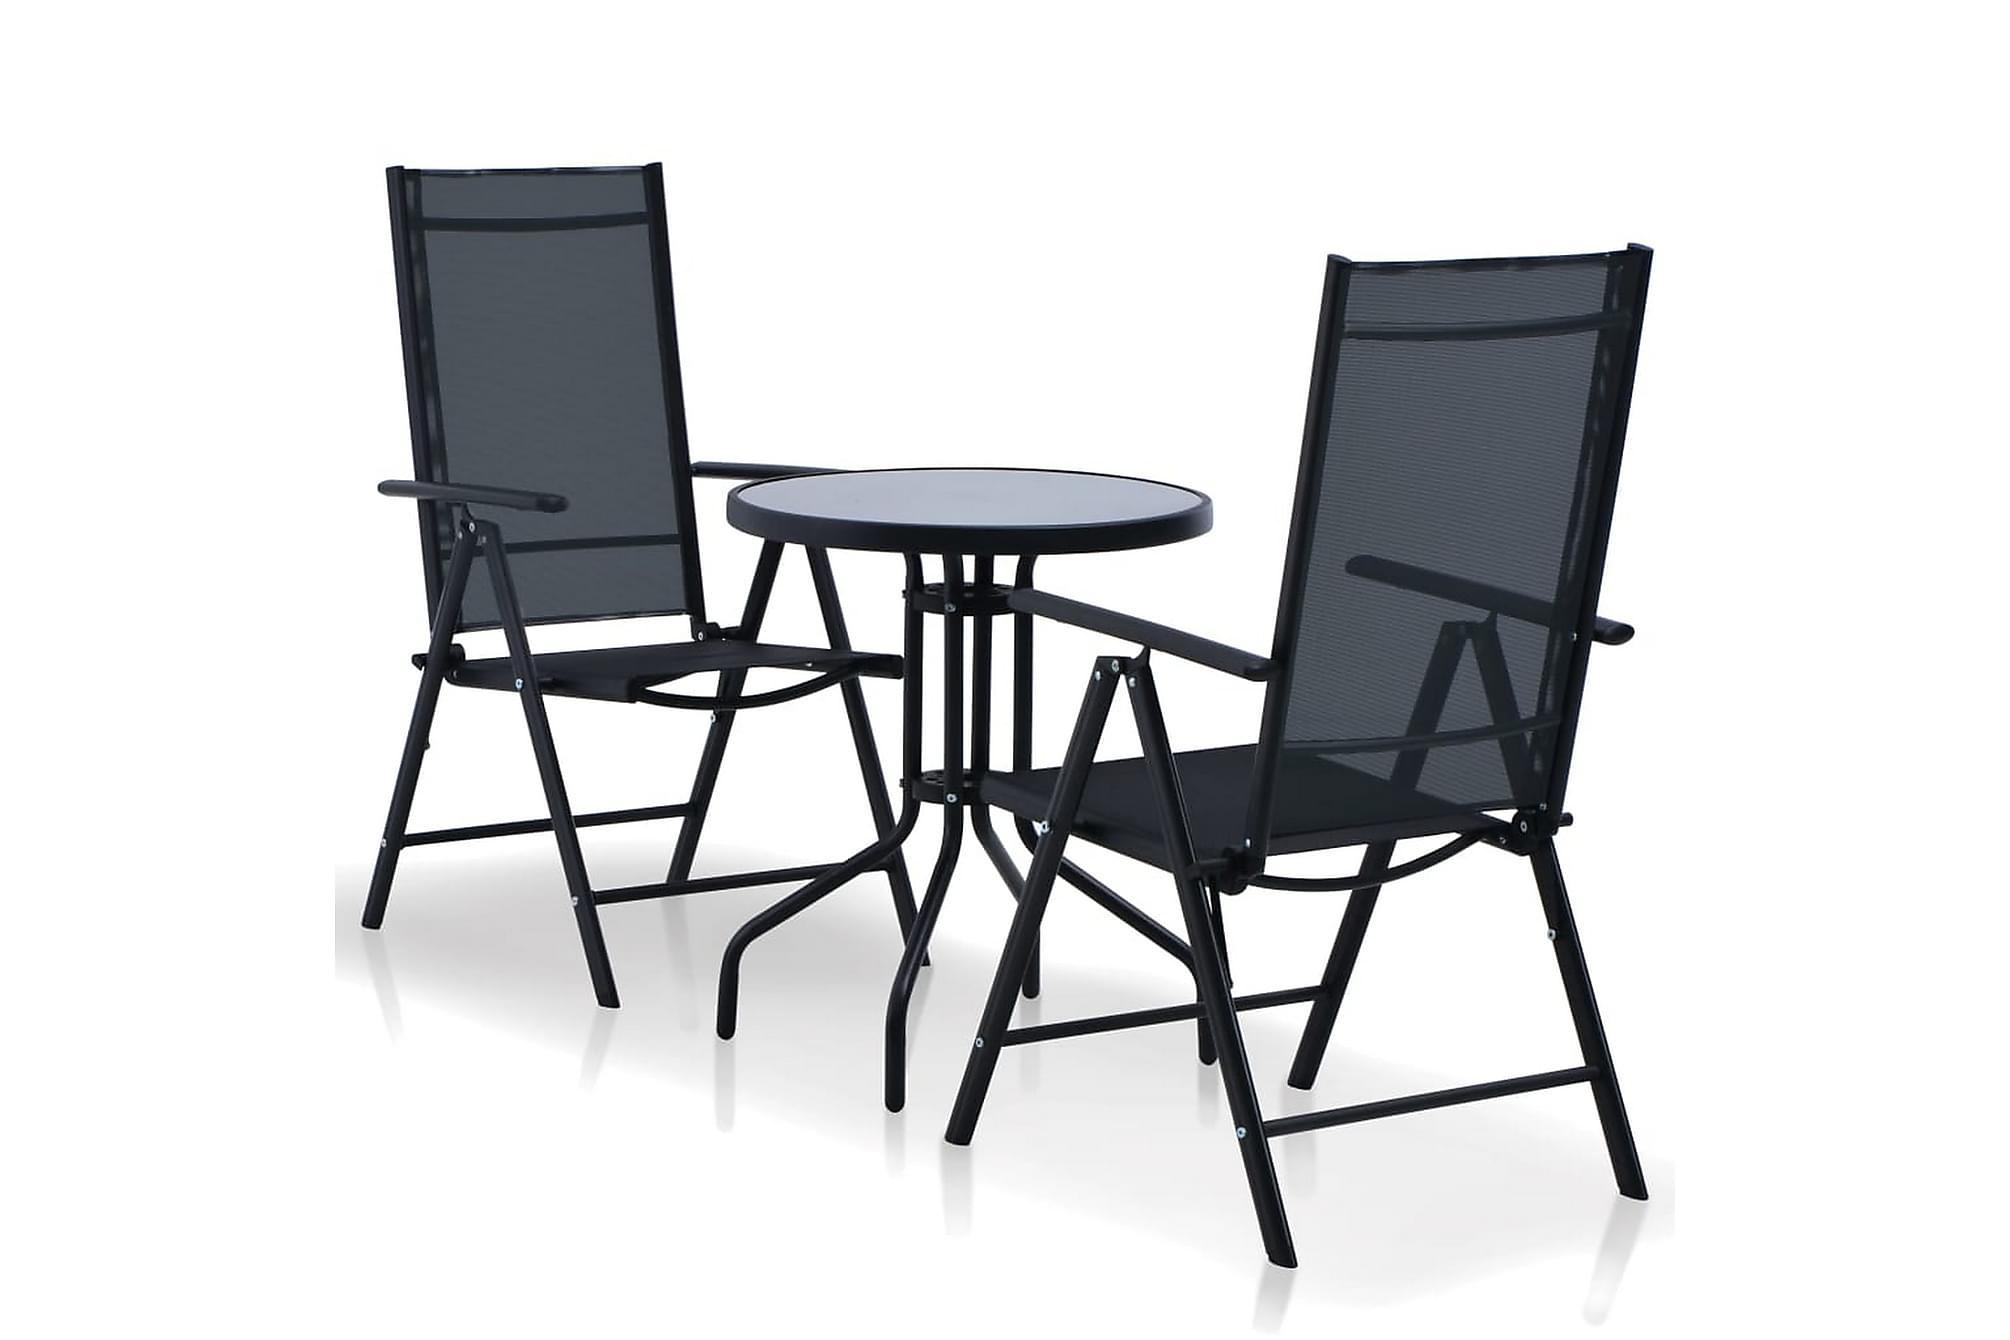 Caféset 3 delar aluminium och textilene svart, Balkongbord